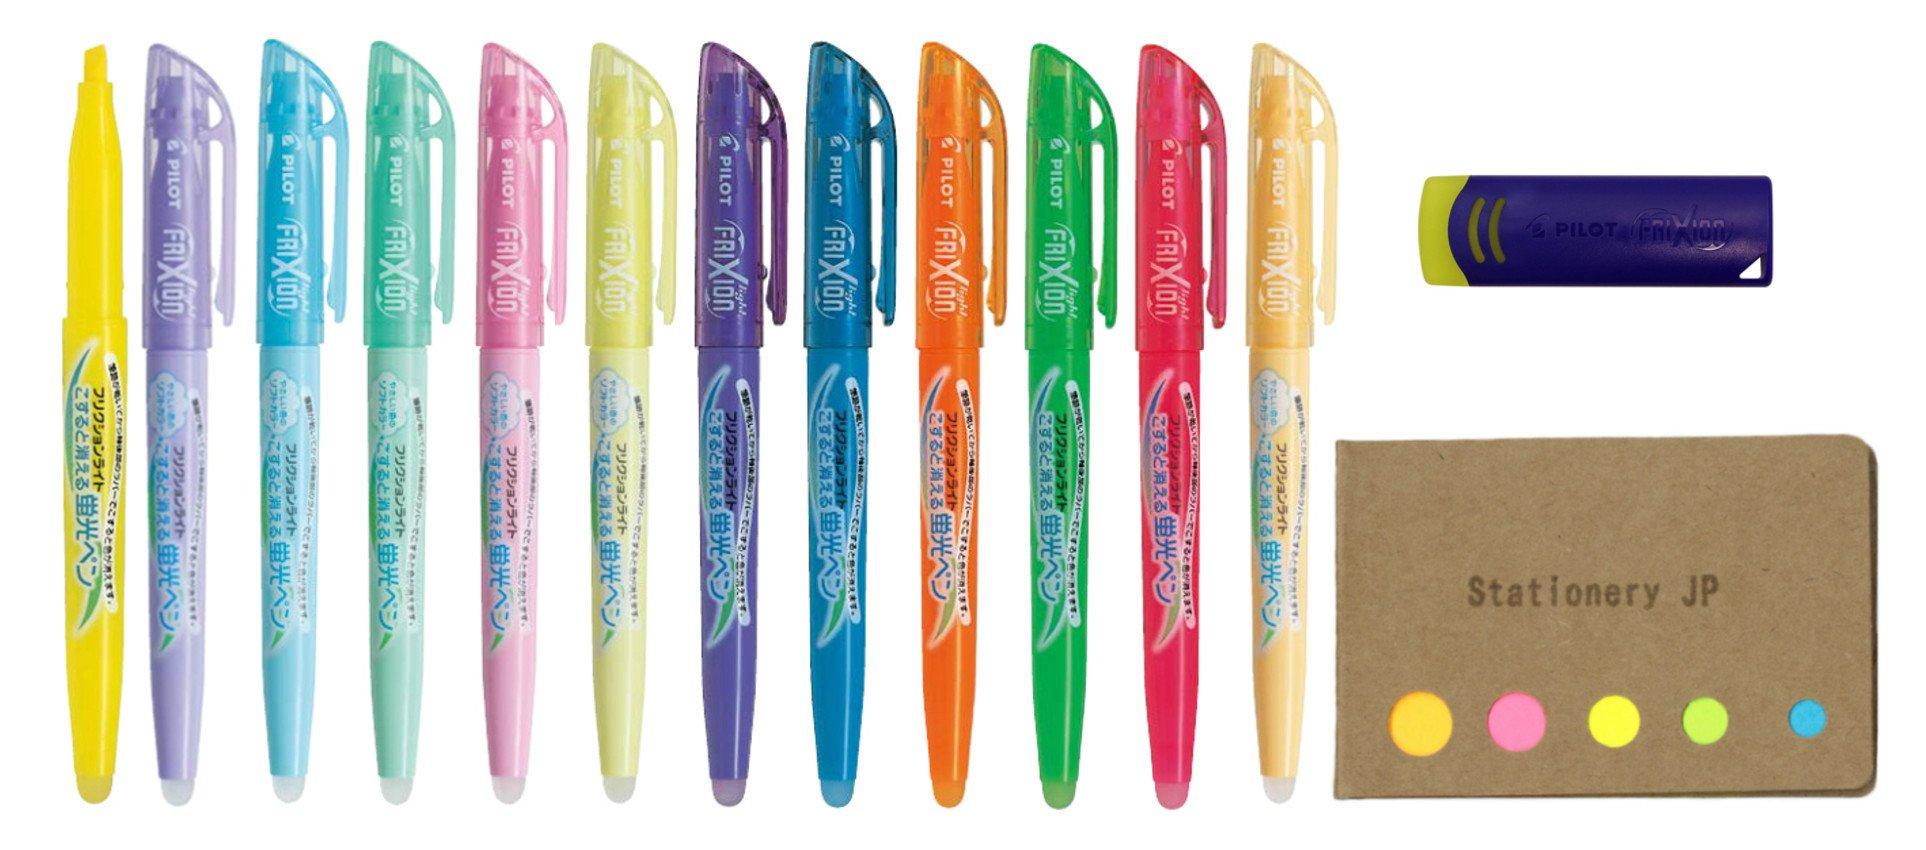 Green 3 x Pilot SFC-10M FriXion Colors Erasable 0.7mm Sign Marker Pen